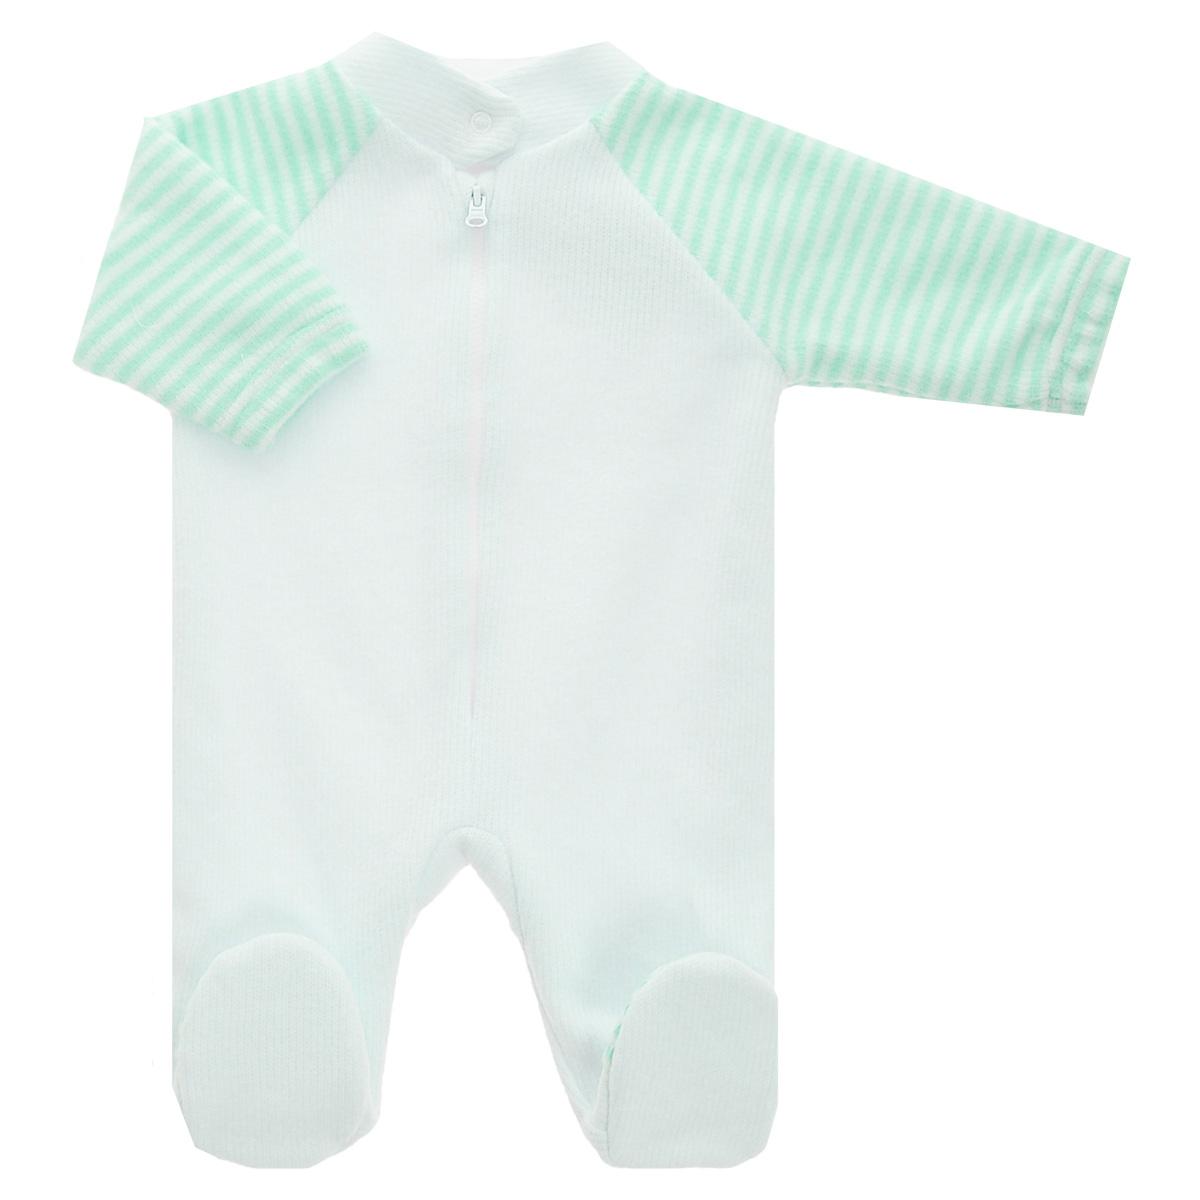 Комбинезон домашний4-14Детский вязаный комбинезон Lucky Child - очень удобный и практичный вид одежды для малышей. Комбинезон выполнен из натурального хлопка, на подкладке также используется натуральный хлопок, благодаря чему он необычайно мягкий и приятный на ощупь, не раздражают нежную кожу ребенка и хорошо вентилируются, а эластичные швы приятны телу малыша и не препятствуют его движениям. Комбинезон с воротником-стойкой, длинными рукавами-реглан и закрытыми ножками имеет пластиковую застежку-молнию по центру, которая помогает легко переодеть младенца. Воротничок застегивается на металлическую кнопку. Рукава понизу дополнены неширокими эластичными манжетами, не перетягивающими запястья. С детским комбинезоном Lucky Child спинка и ножки вашего малыша всегда будут в тепле. Комбинезон полностью соответствует особенностям жизни младенца в ранний период, не стесняя и не ограничивая его в движениях!